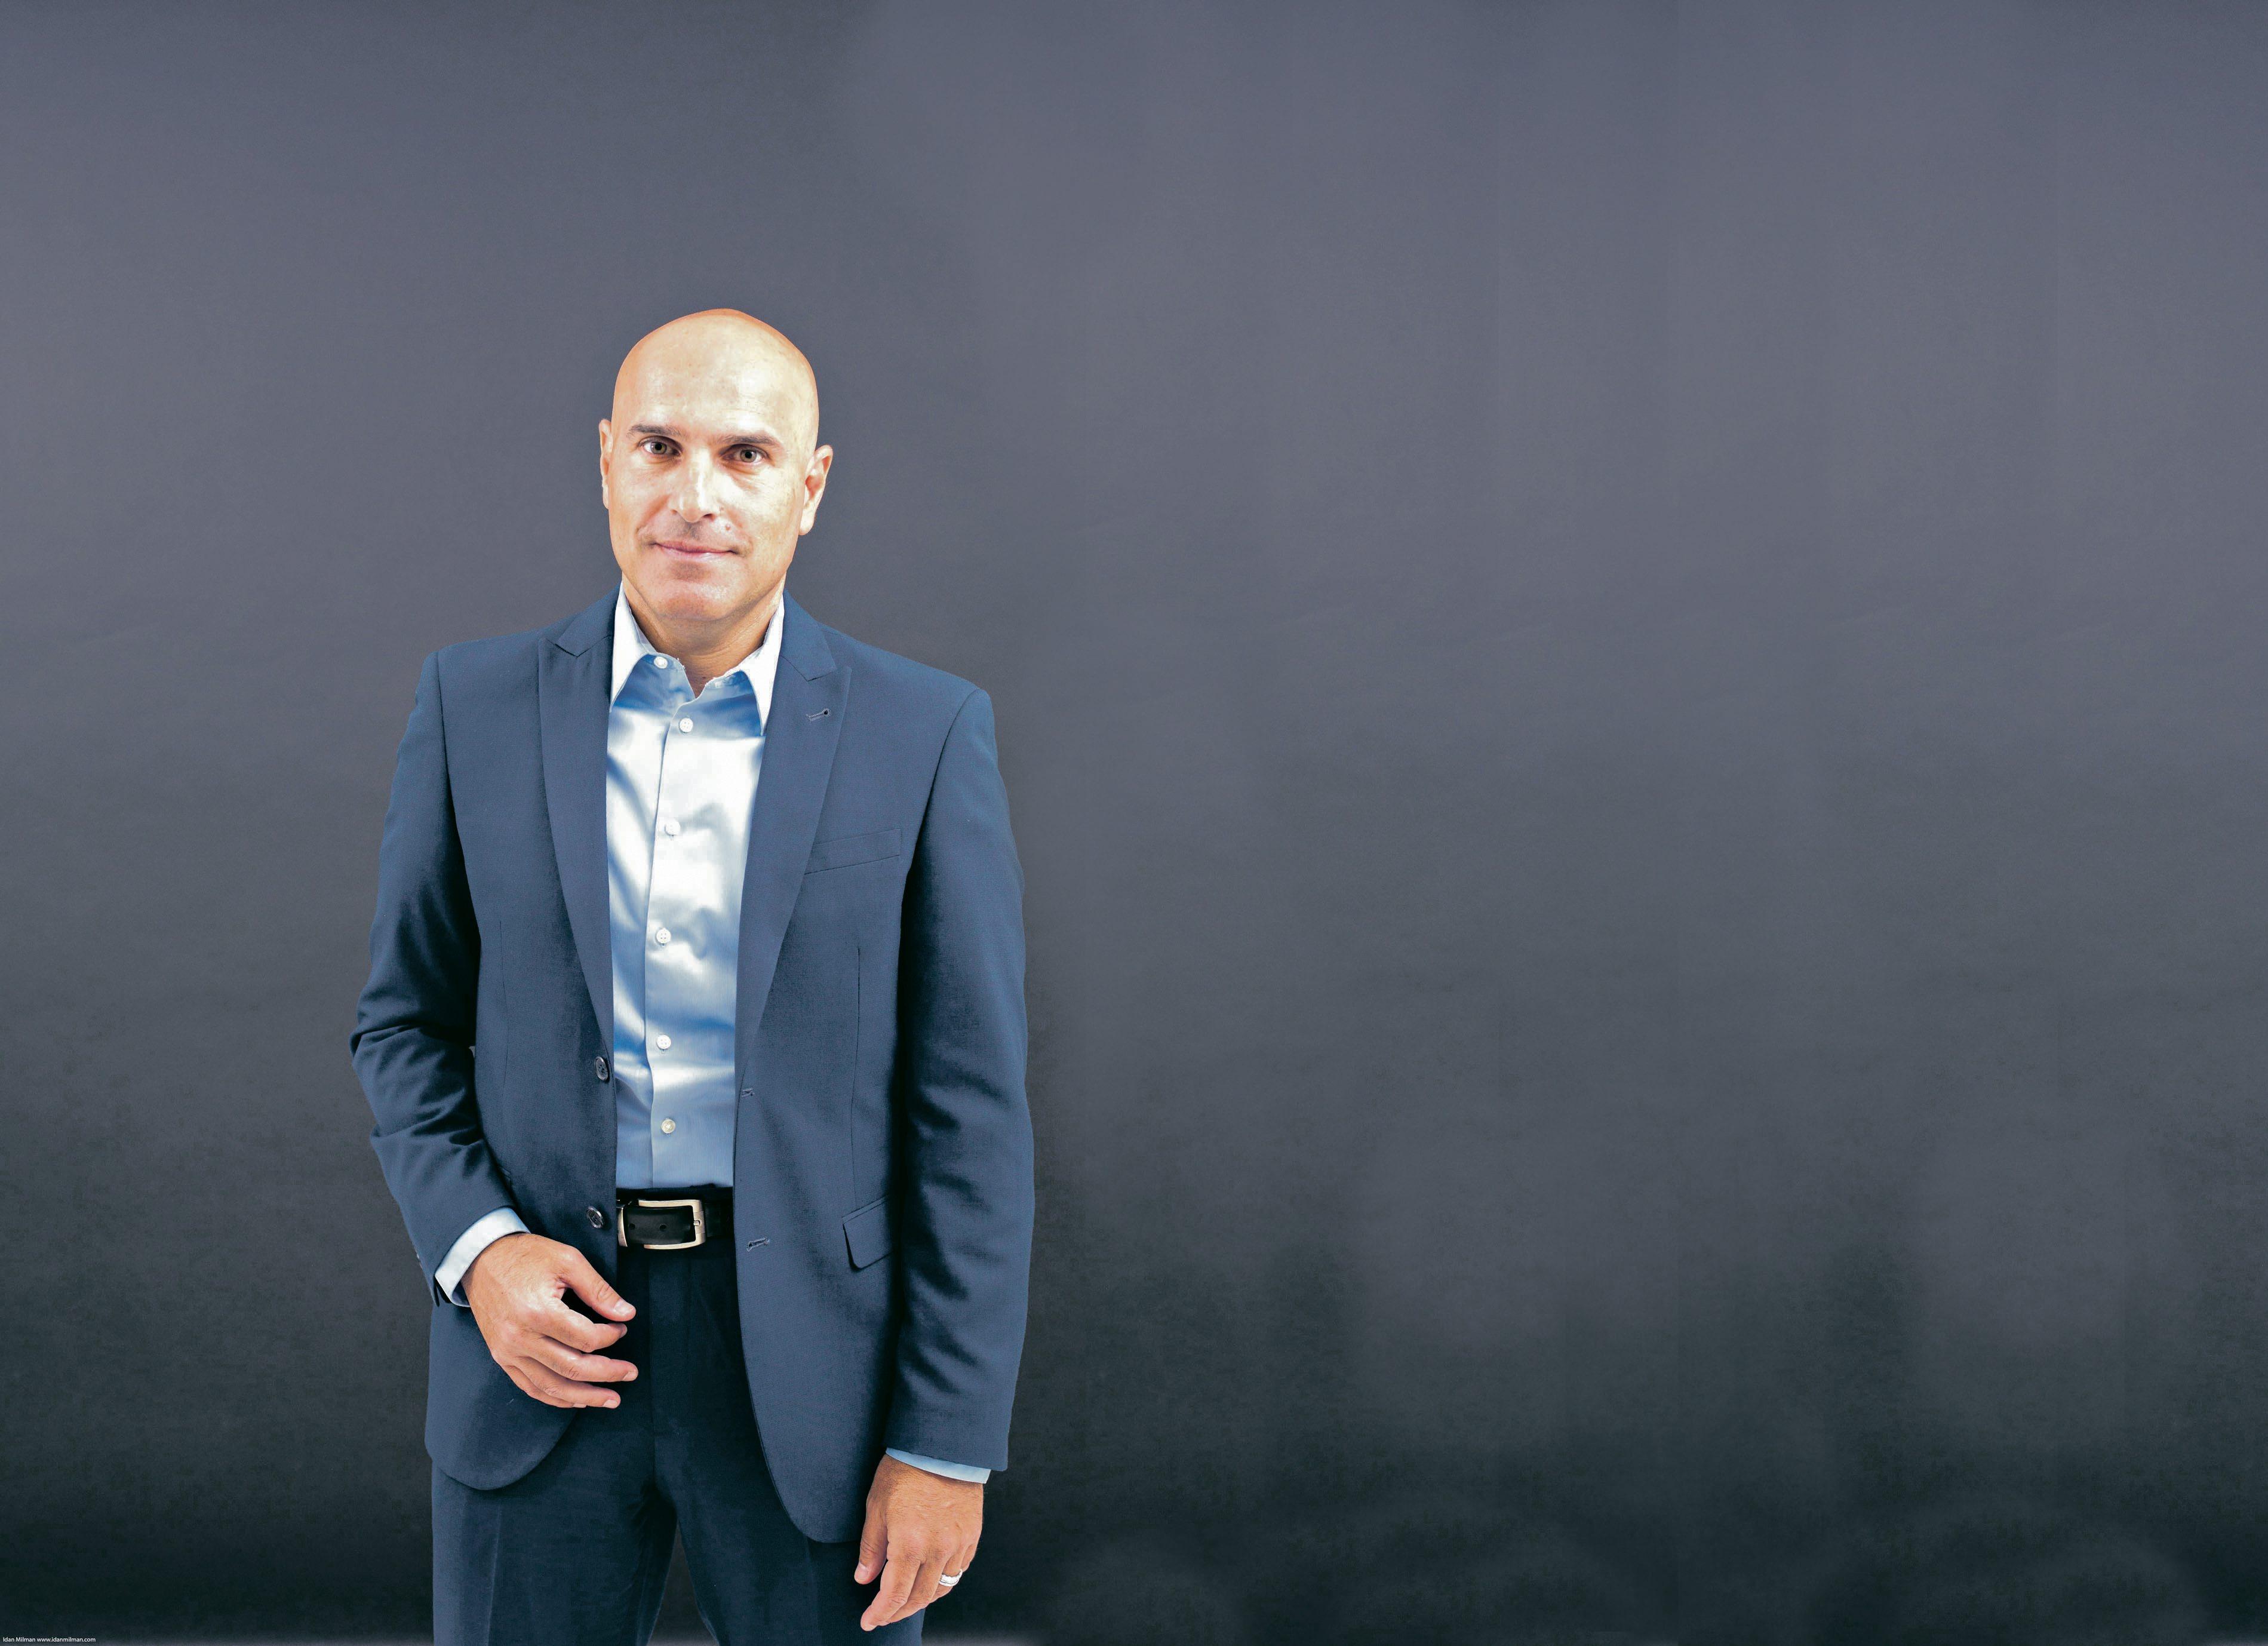 """כלכלה אפי נוה עוד  י""""ר מחוז תלאביב ו המרכז  צילום עידן מילמן ניתן לשימוש ללא תשלום   לשכת עורכי הדין בישראל טל 03-6905550 פקס 036911192   a_kami@netvision.net.il yoram yarkoni (עידן מילמן)"""